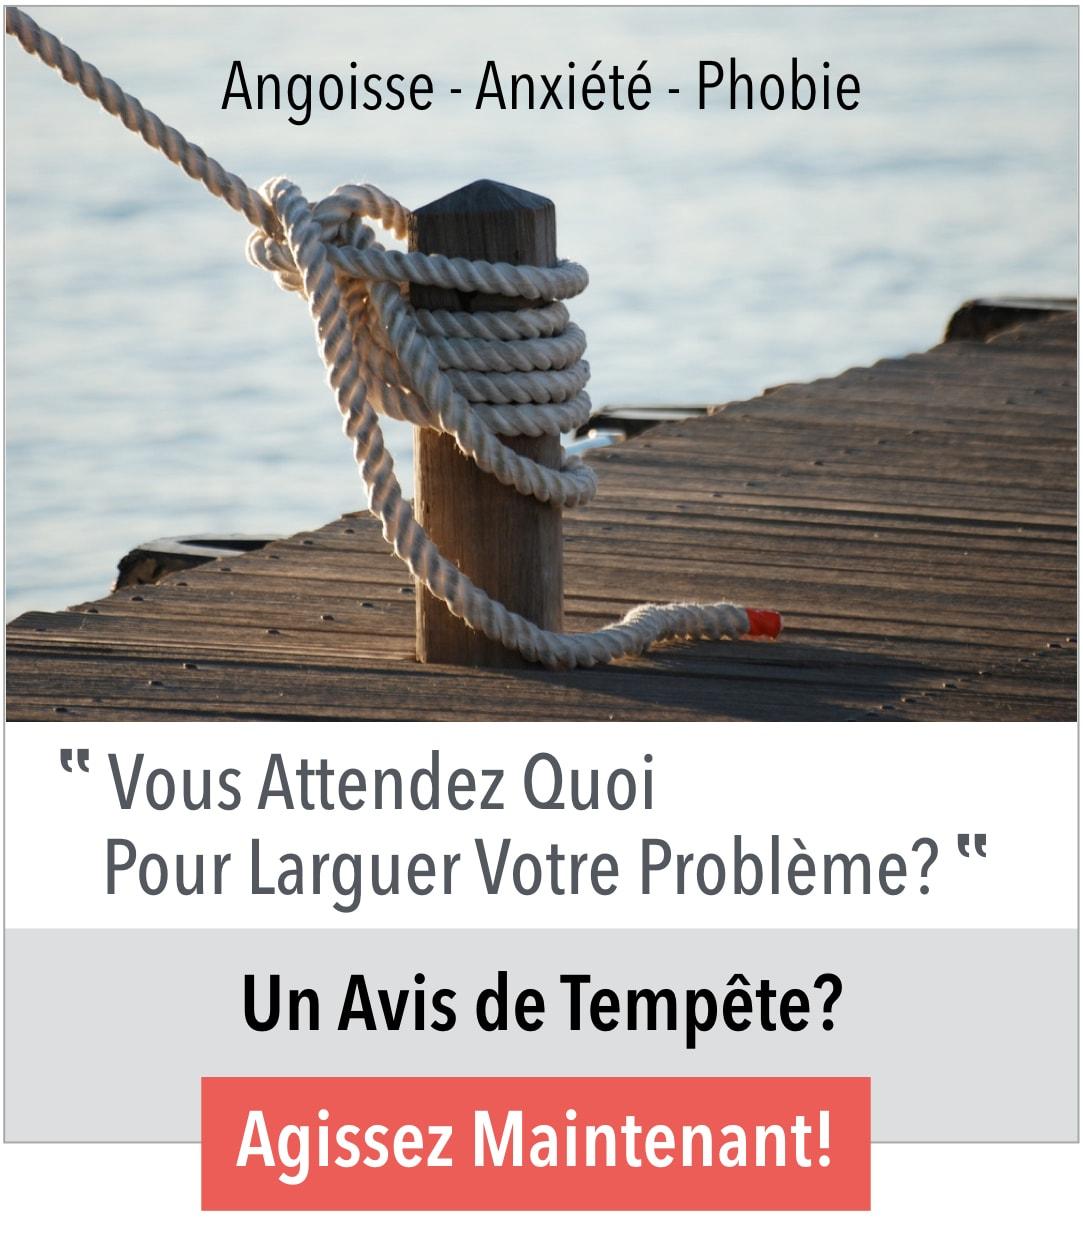 Angoisse - Anxiété - Phobie - Méthodes comportementales